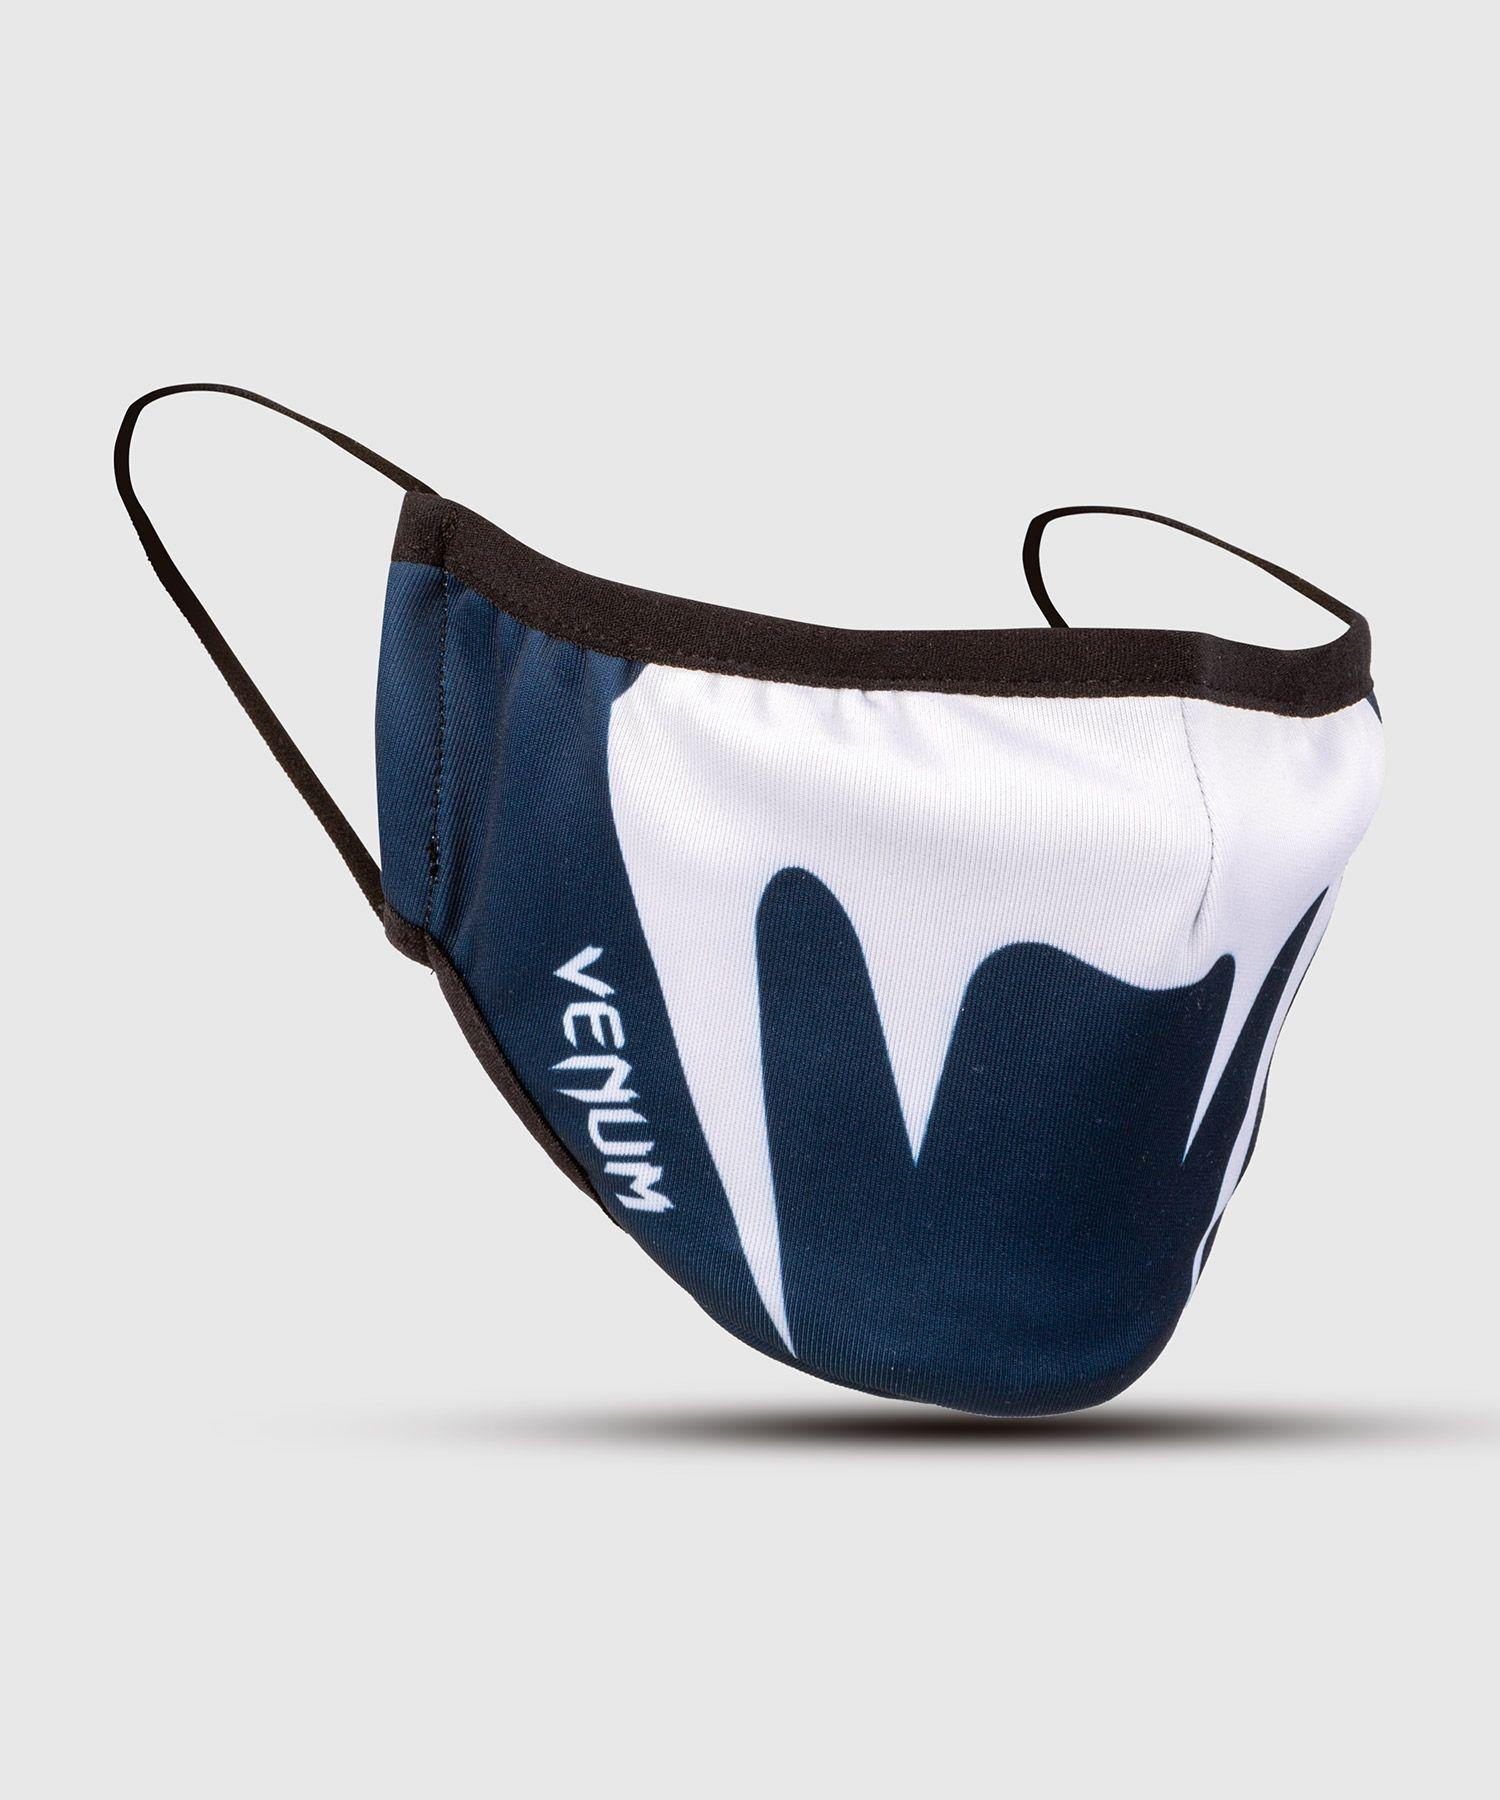 Защитная маска для лица Venum – Темно-синий/Белый